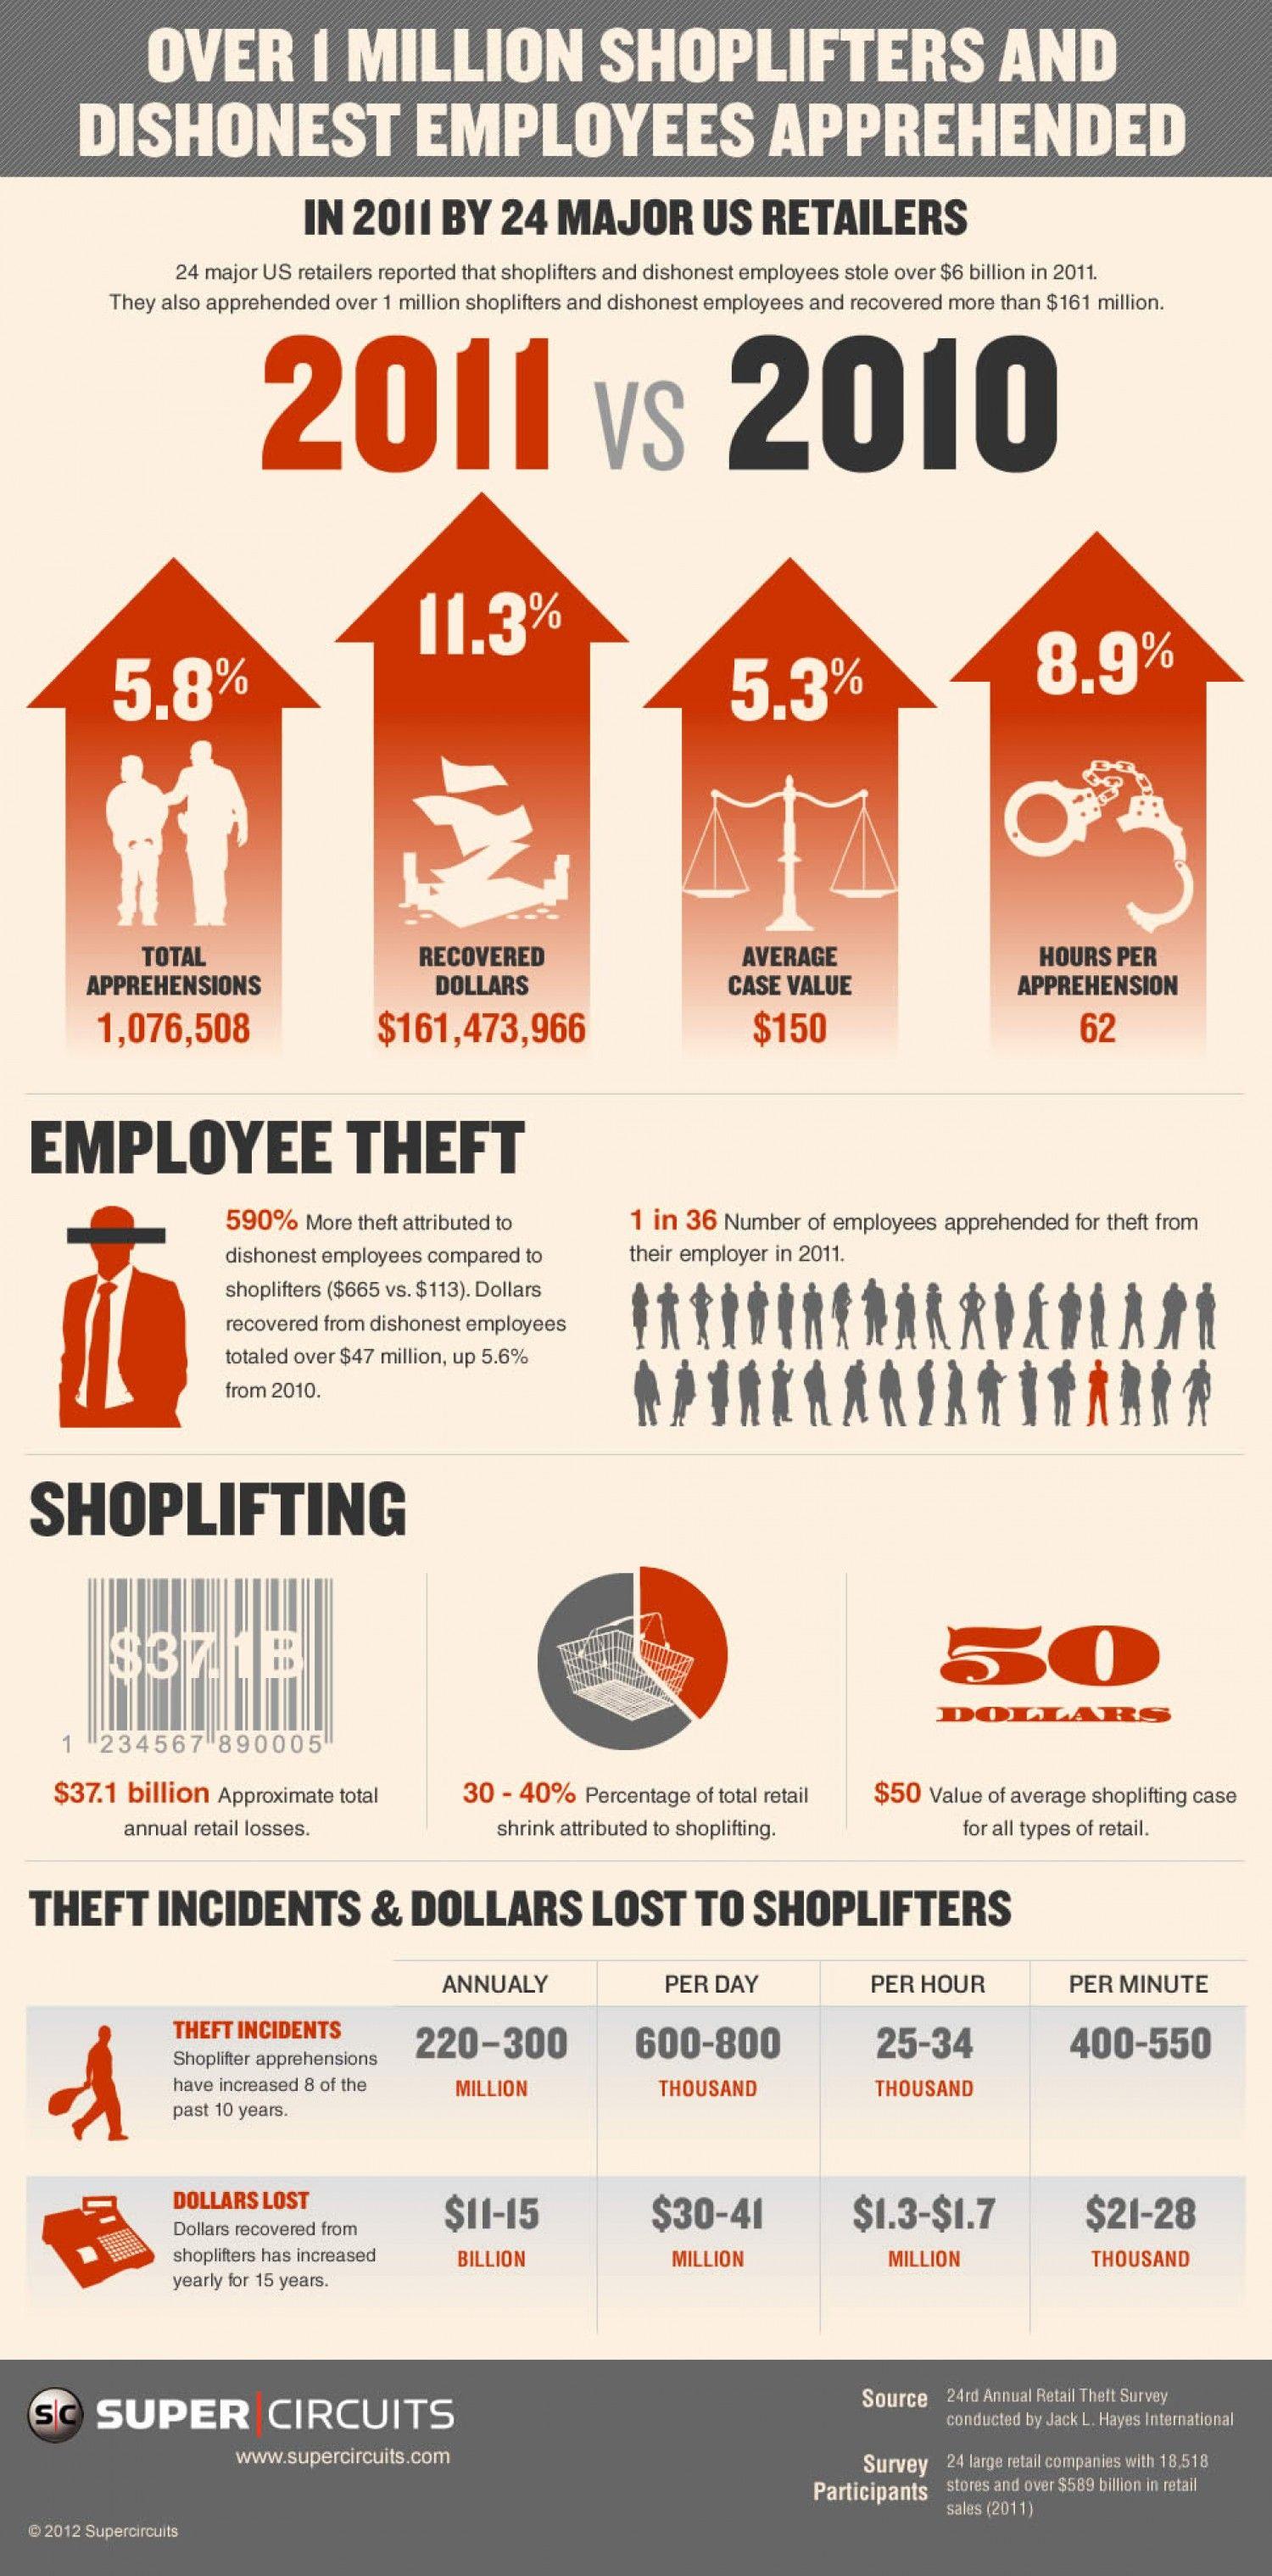 Thief in law: value, status 82